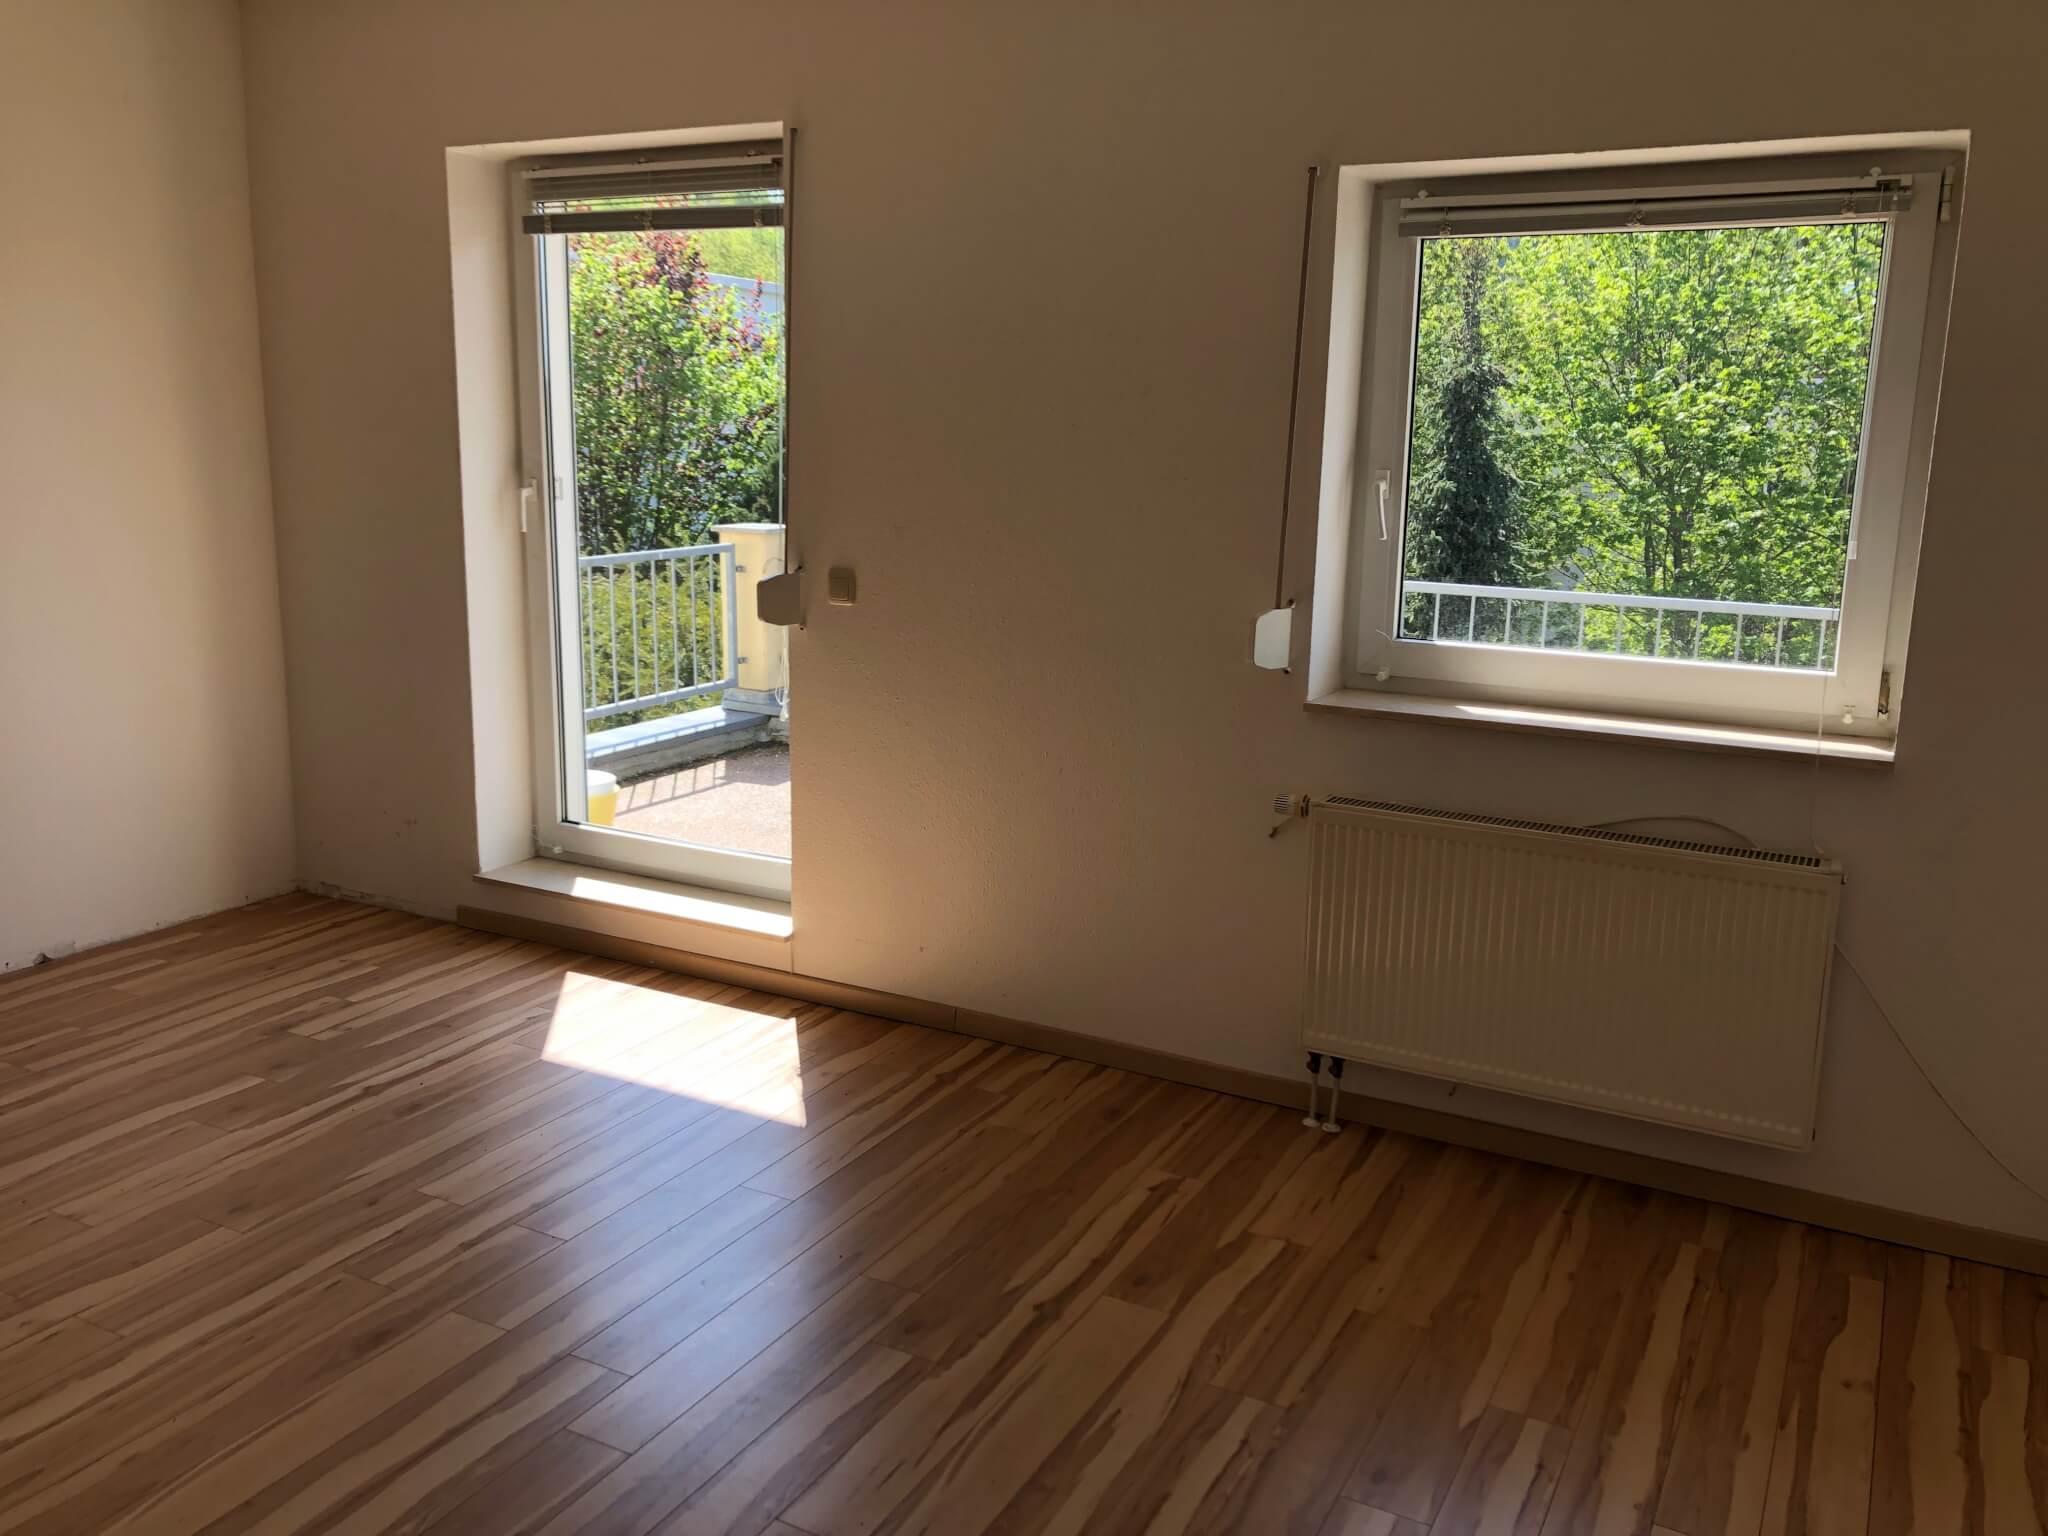 Zimmer 3 mit Balkon OG